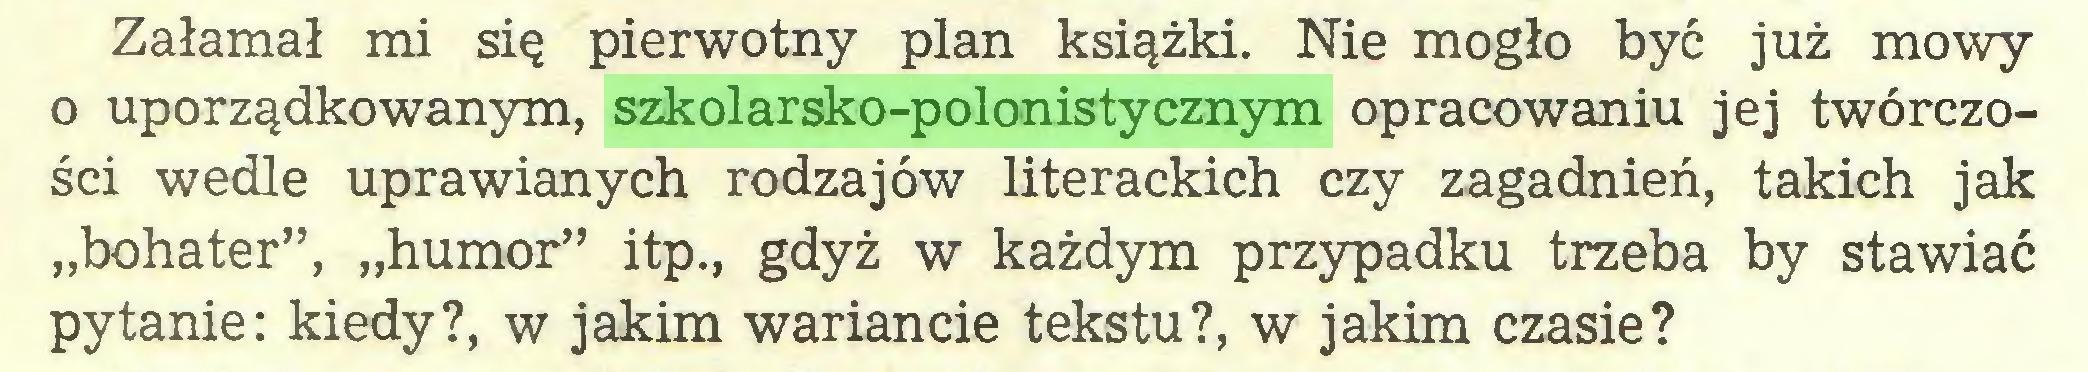 """(...) Załamał mi się pierwotny plan książki. Nie mogło być już mowy o uporządkowanym, szkolarsko-polonistycznym opracowaniu jej twórczości wedle uprawianych rodzajów literackich czy zagadnień, takich jak """"bohater"""", """"humor"""" itp., gdyż w każdym przypadku trzeba by stawiać pytanie: kiedy?, w jakim wariancie tekstu?, w jakim czasie?..."""